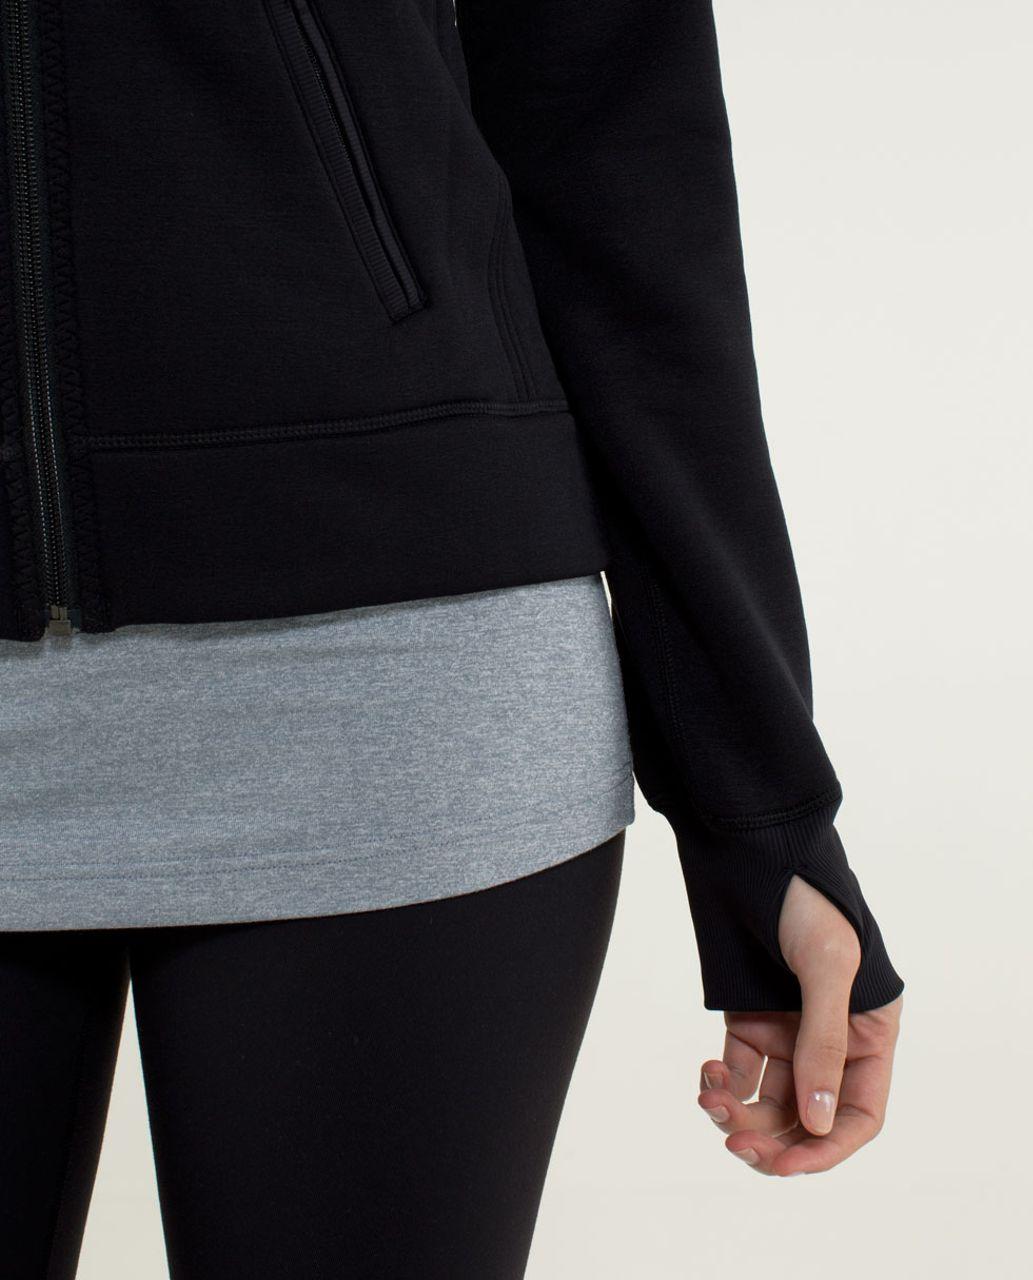 Lululemon Keep It Cozy Jacket - Black